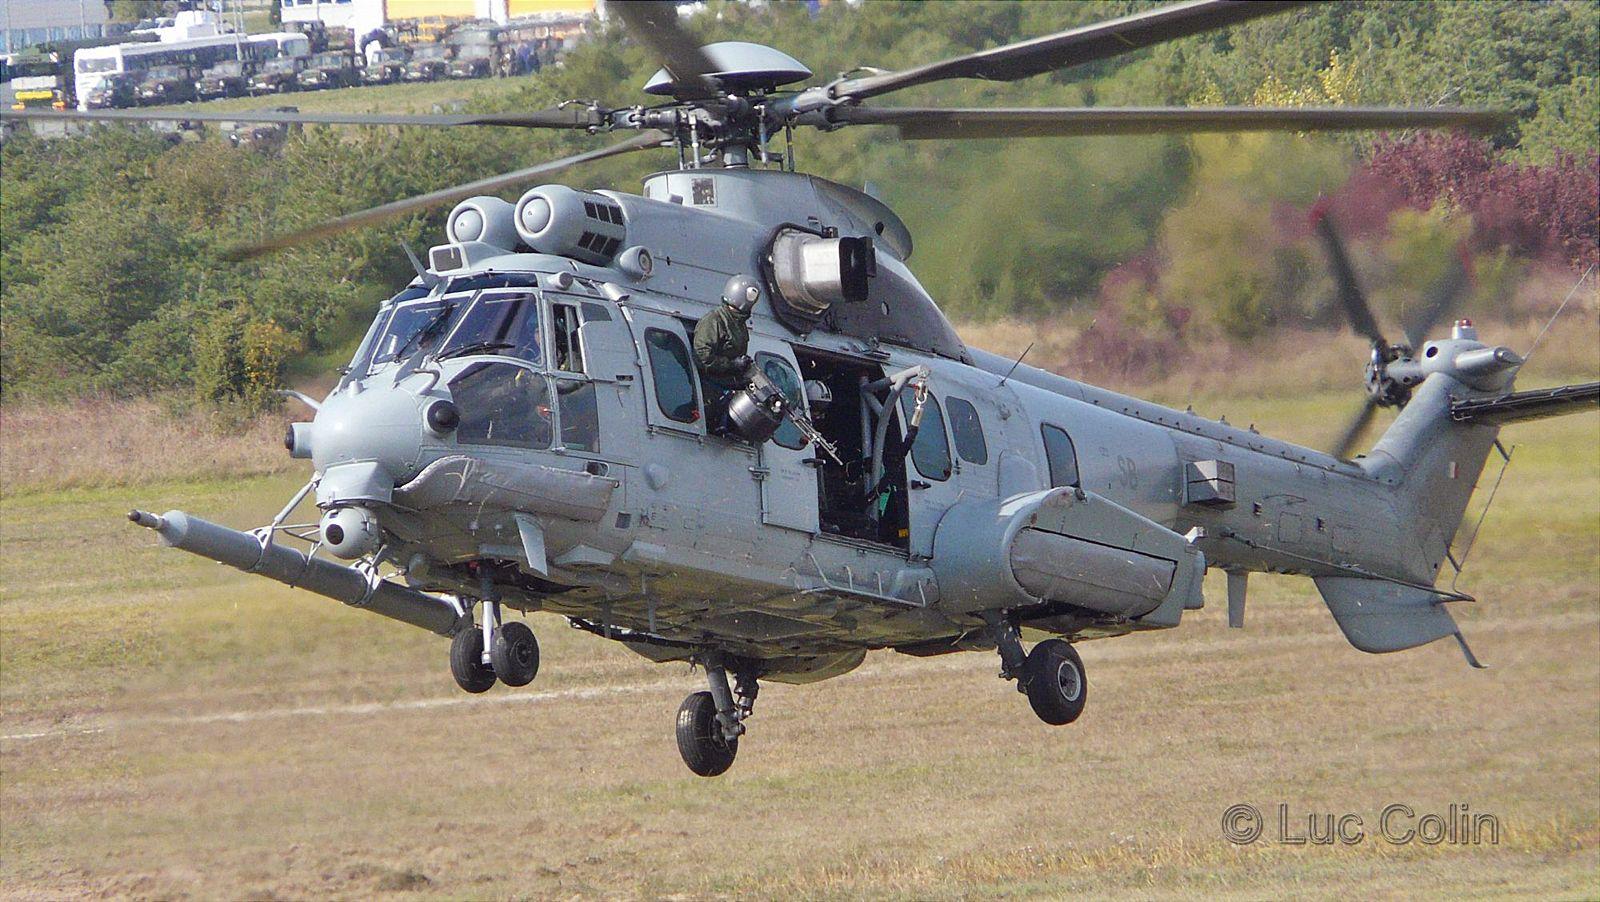 Helicópteros fotos y videos increíbles